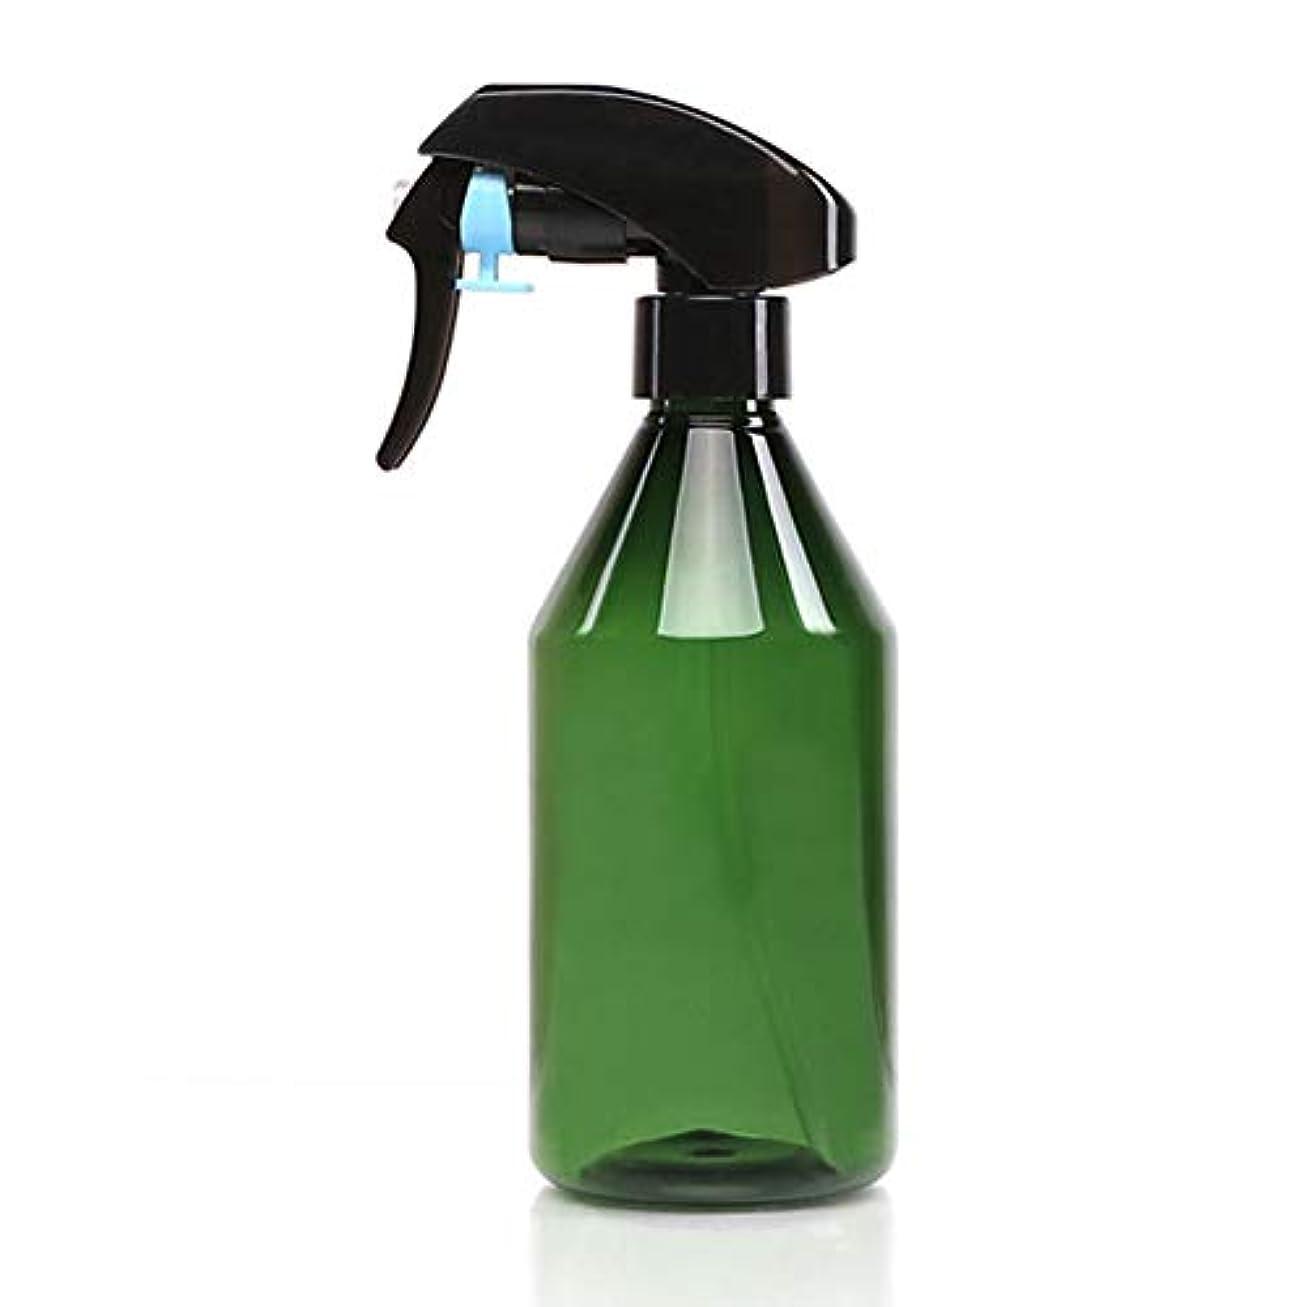 教育者専らセージ超微細なスプレーボトル、300ミリリットル多目的ヘアーサロン理髪店ヘアスプレーボトル家庭用美容スプレーツール,グリーン